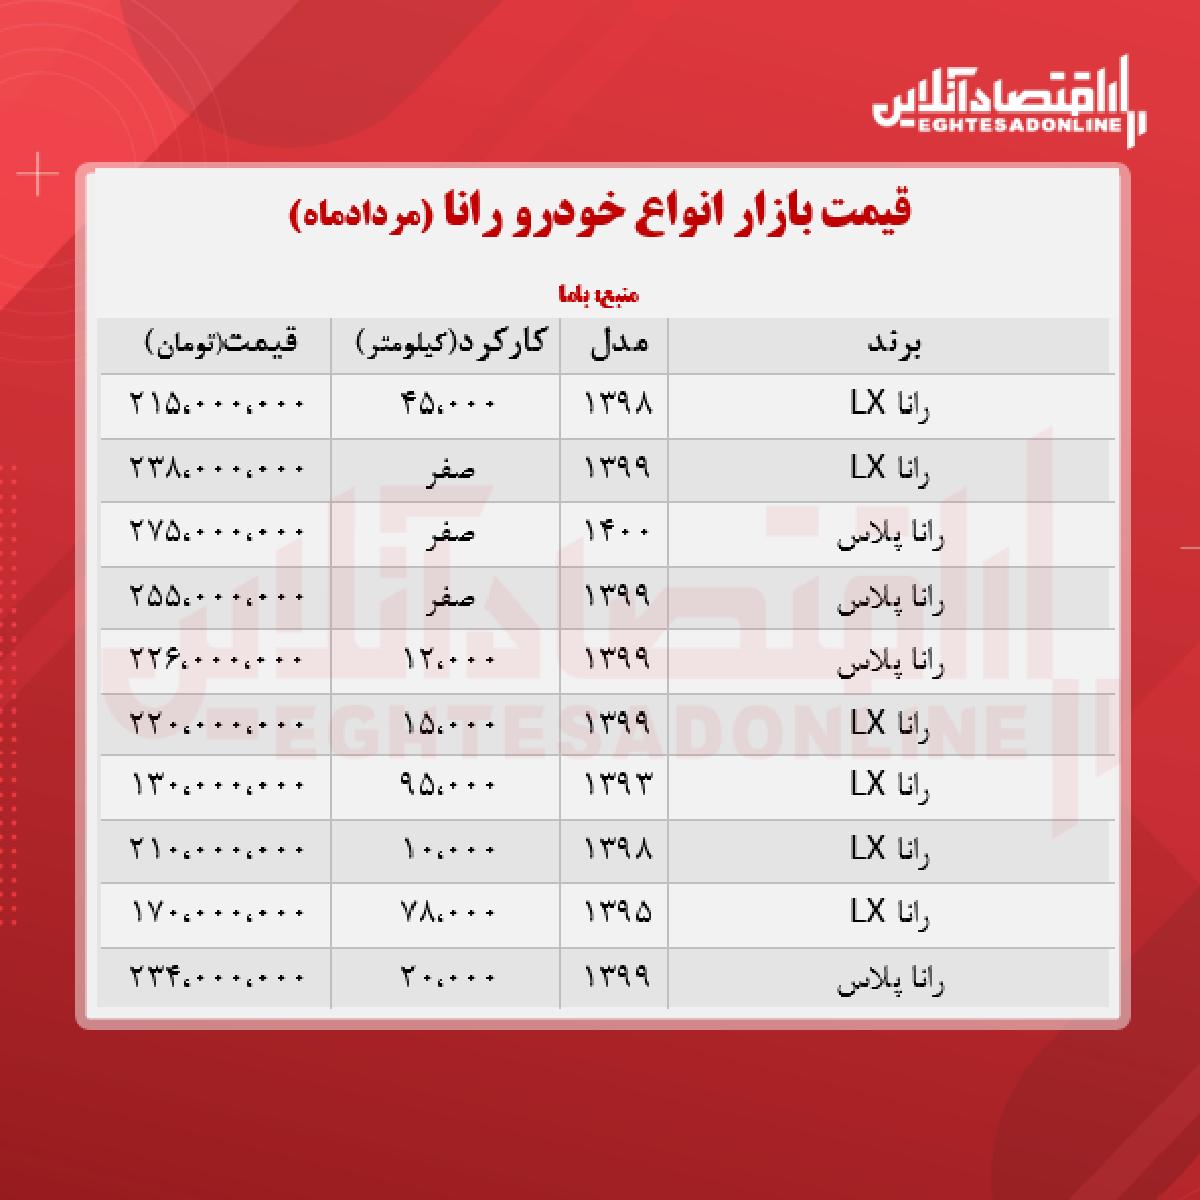 رانا امروز 238 میلیون تومان معامله شد